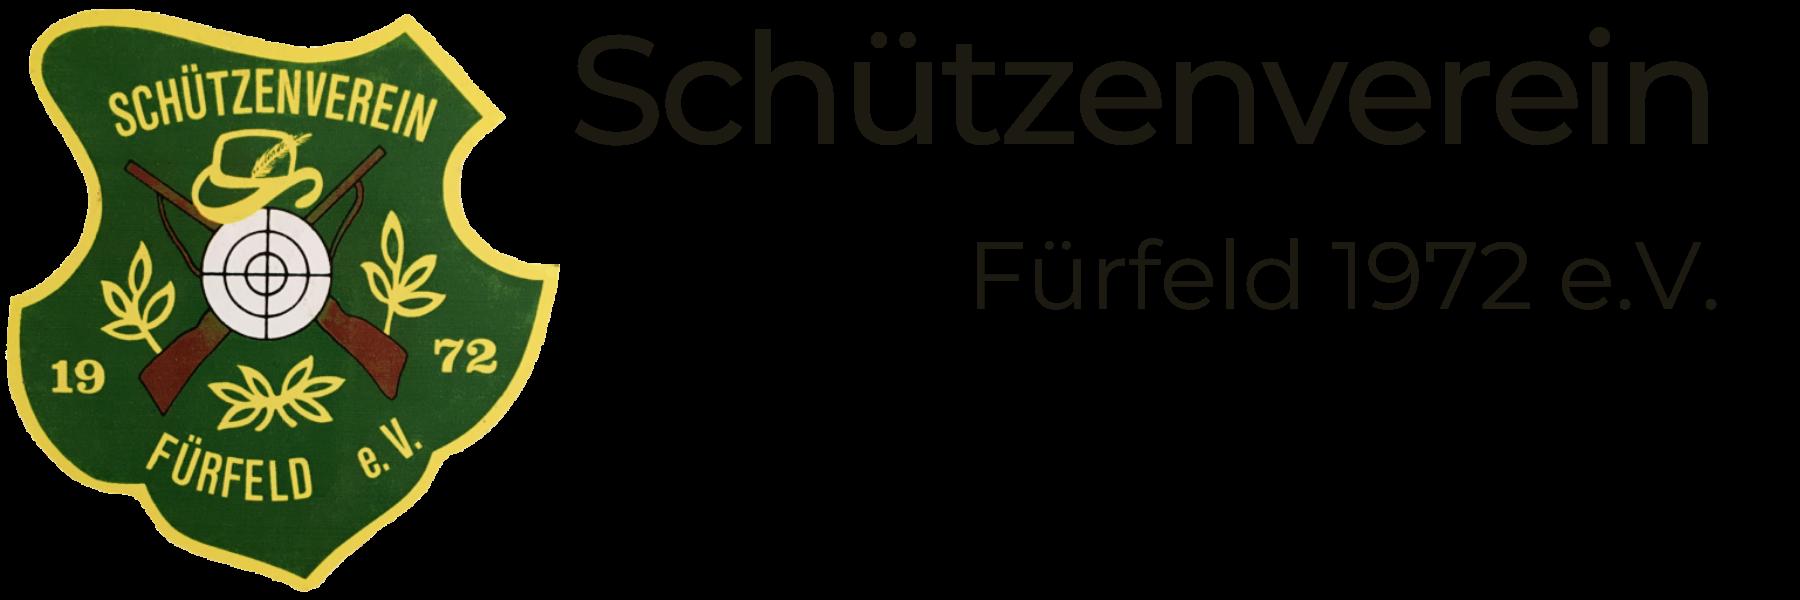 Schützenverein Fürfeld 1972 e.V.